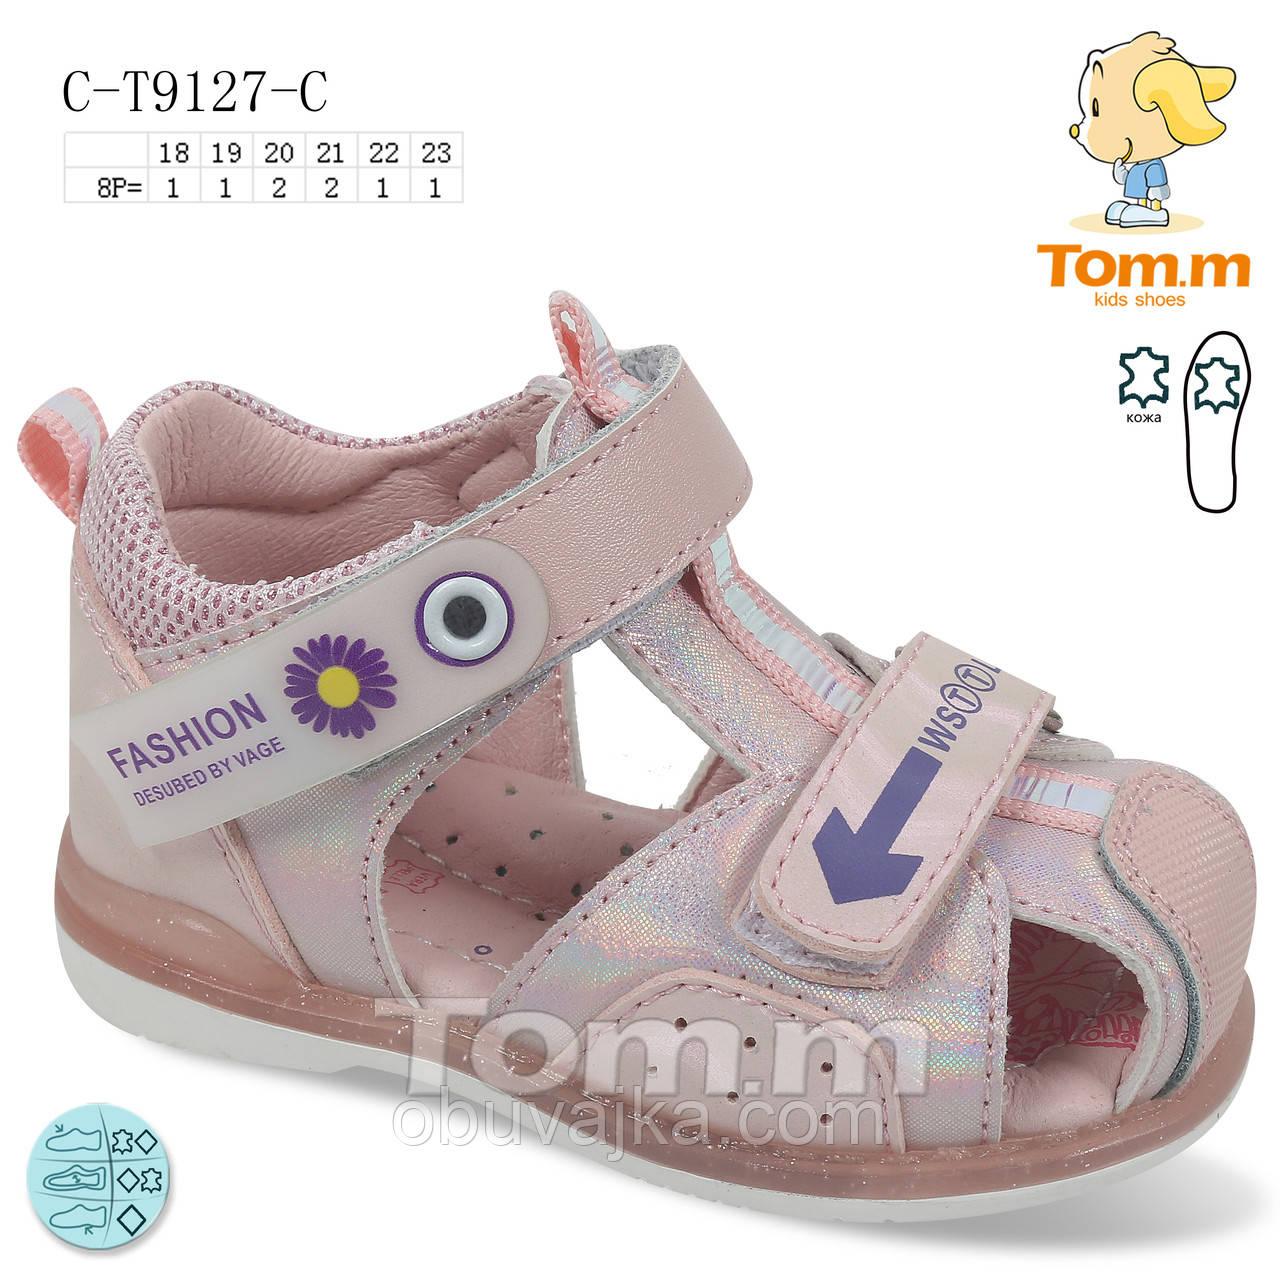 Літнє взуття оптом Босоніжки для дівчинки від виробника Tom m (рр 18-23)